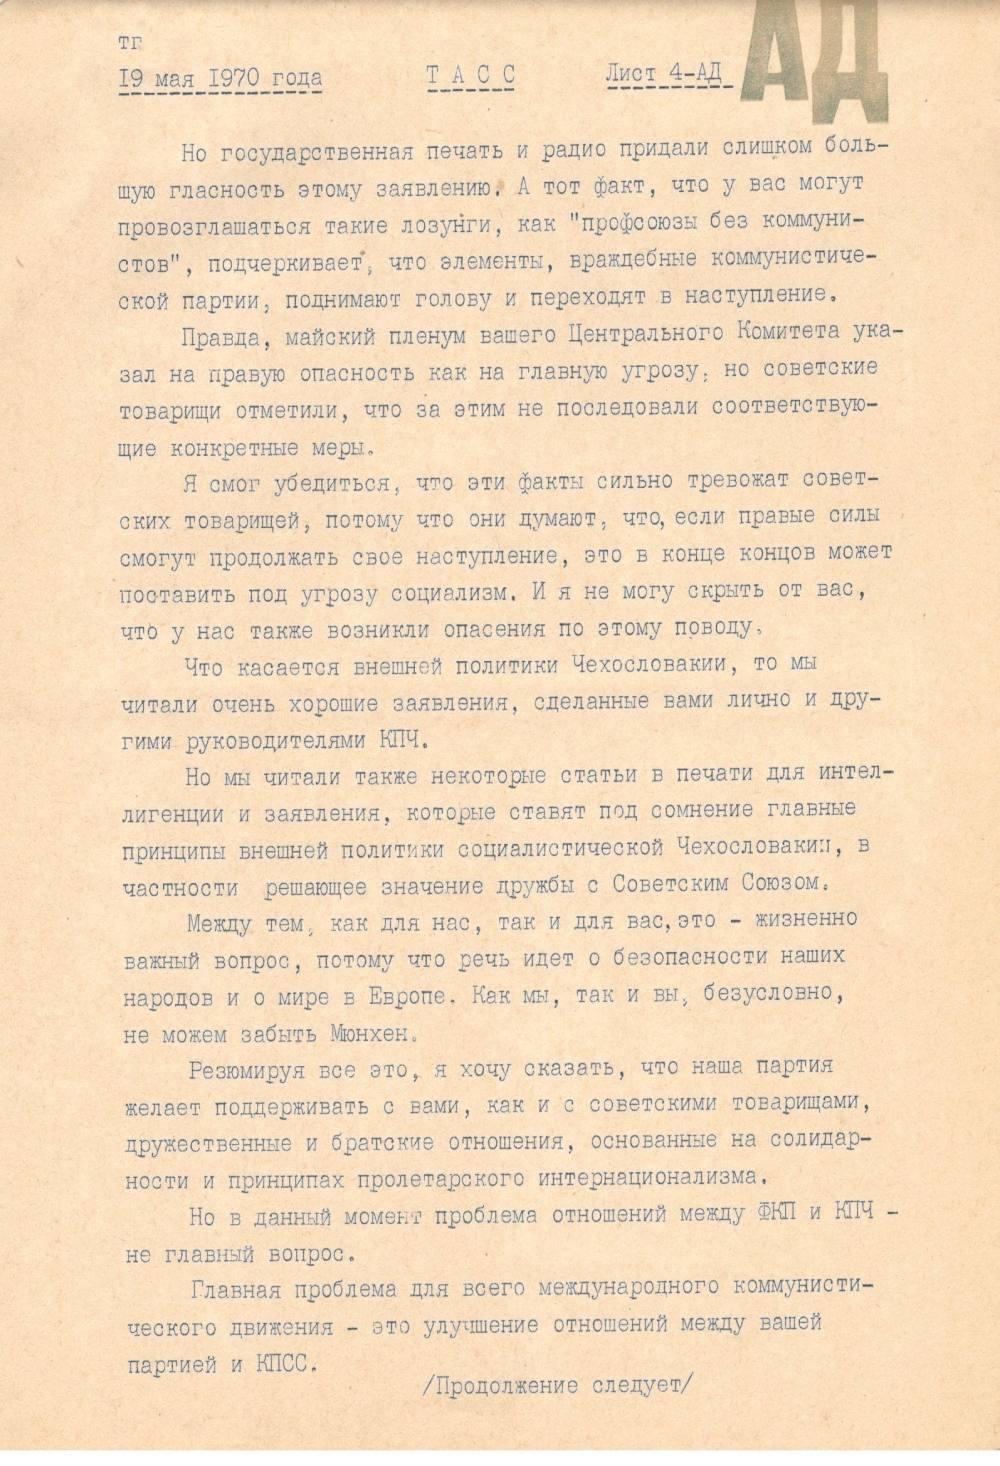 ввод войск в чехословакию 1968